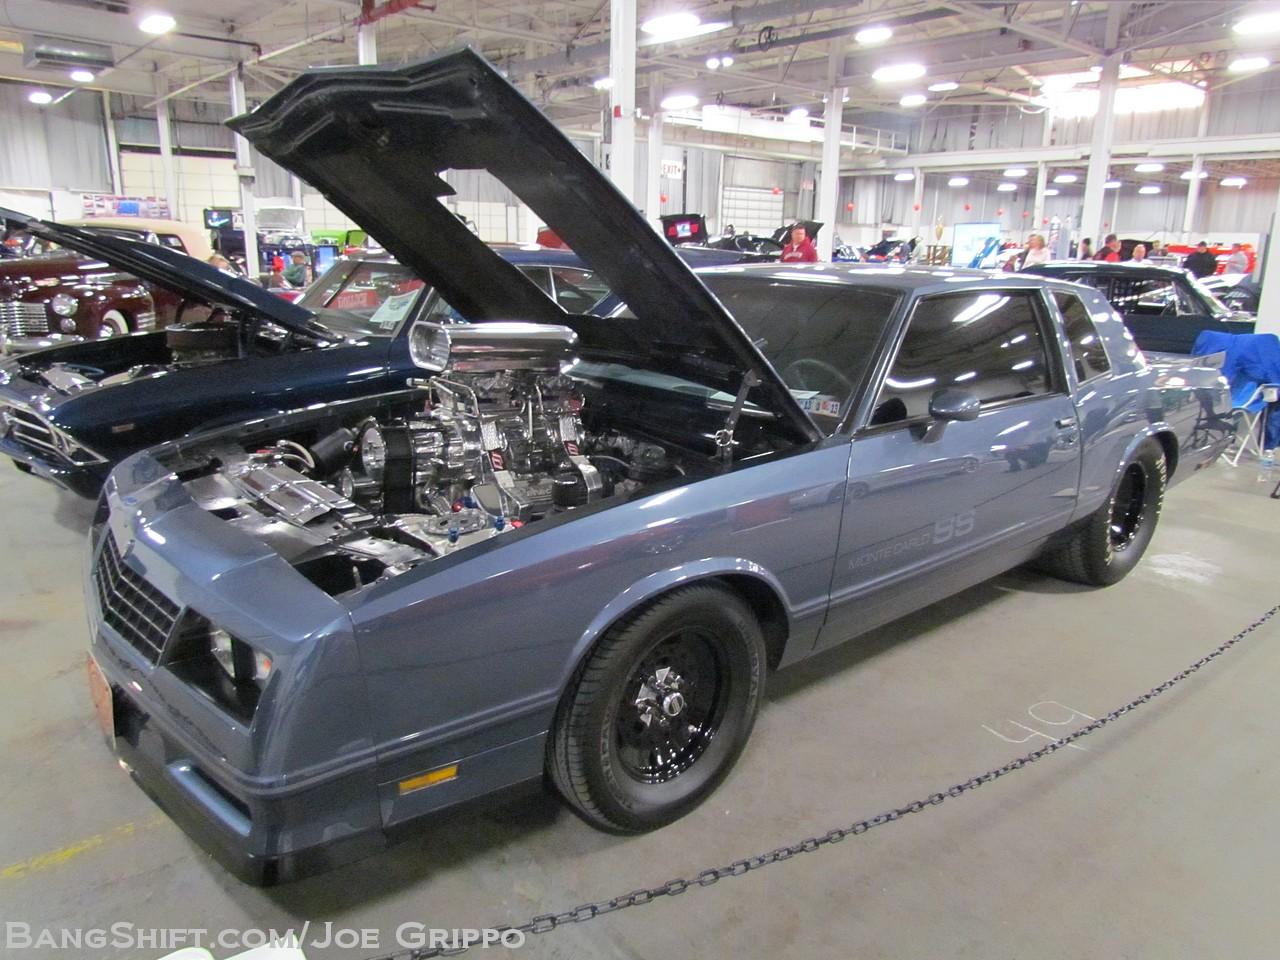 2013 Northeast Rod And Custom Car Show Autos Post